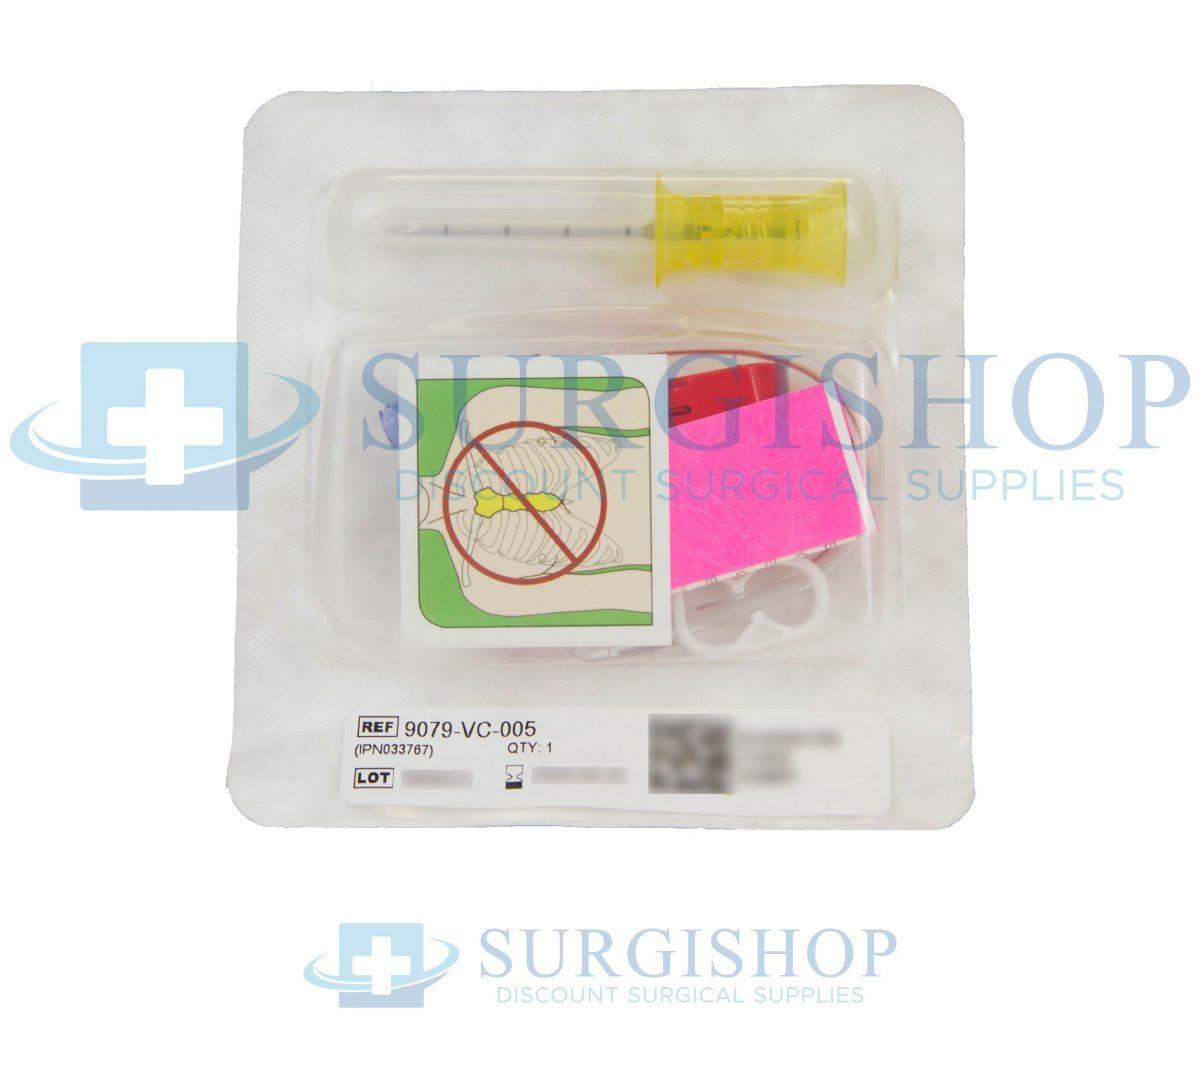 9079-VC-005 – Arrow EZ-IO Needle Set 45mm x 15G Each